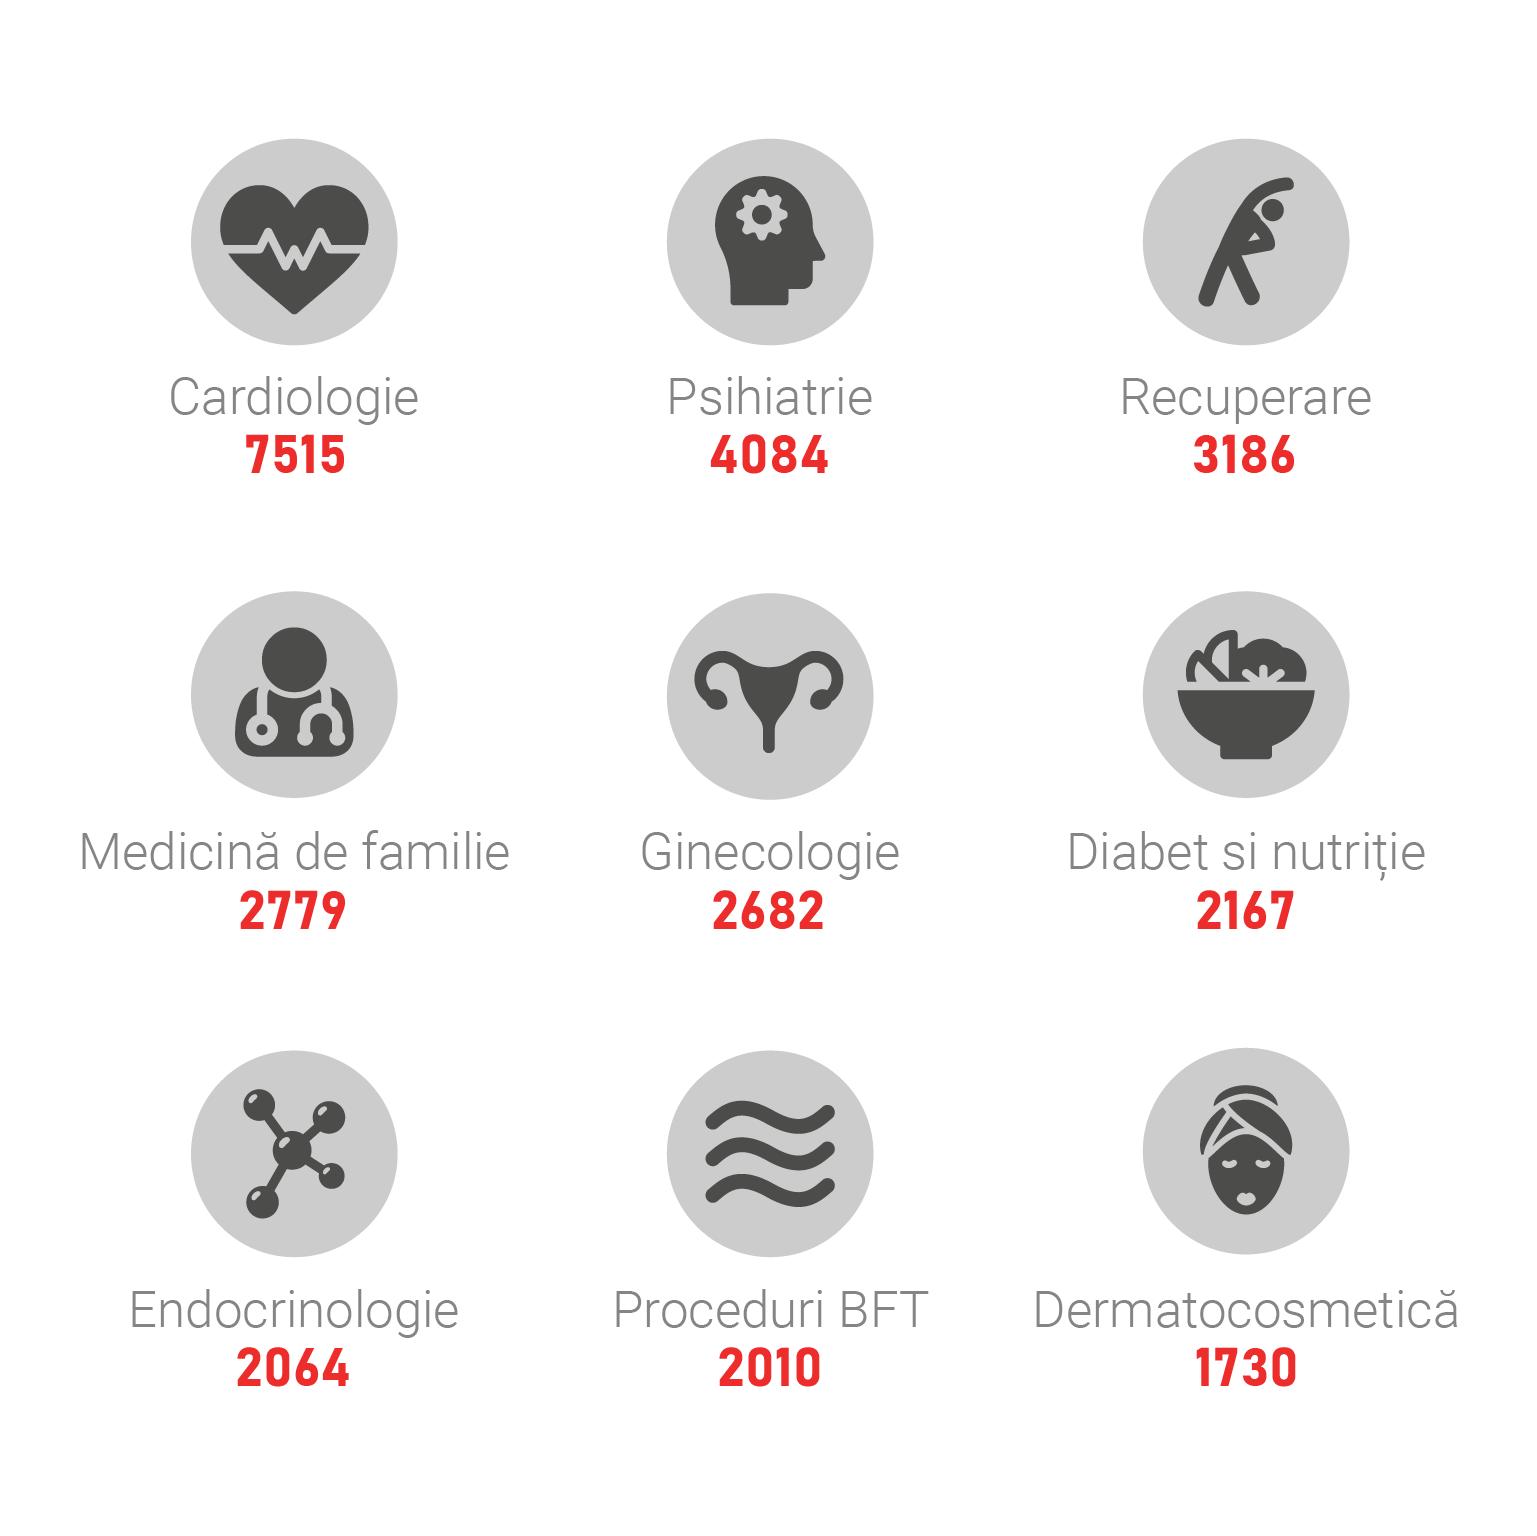 top programari calendis la servicii medicale